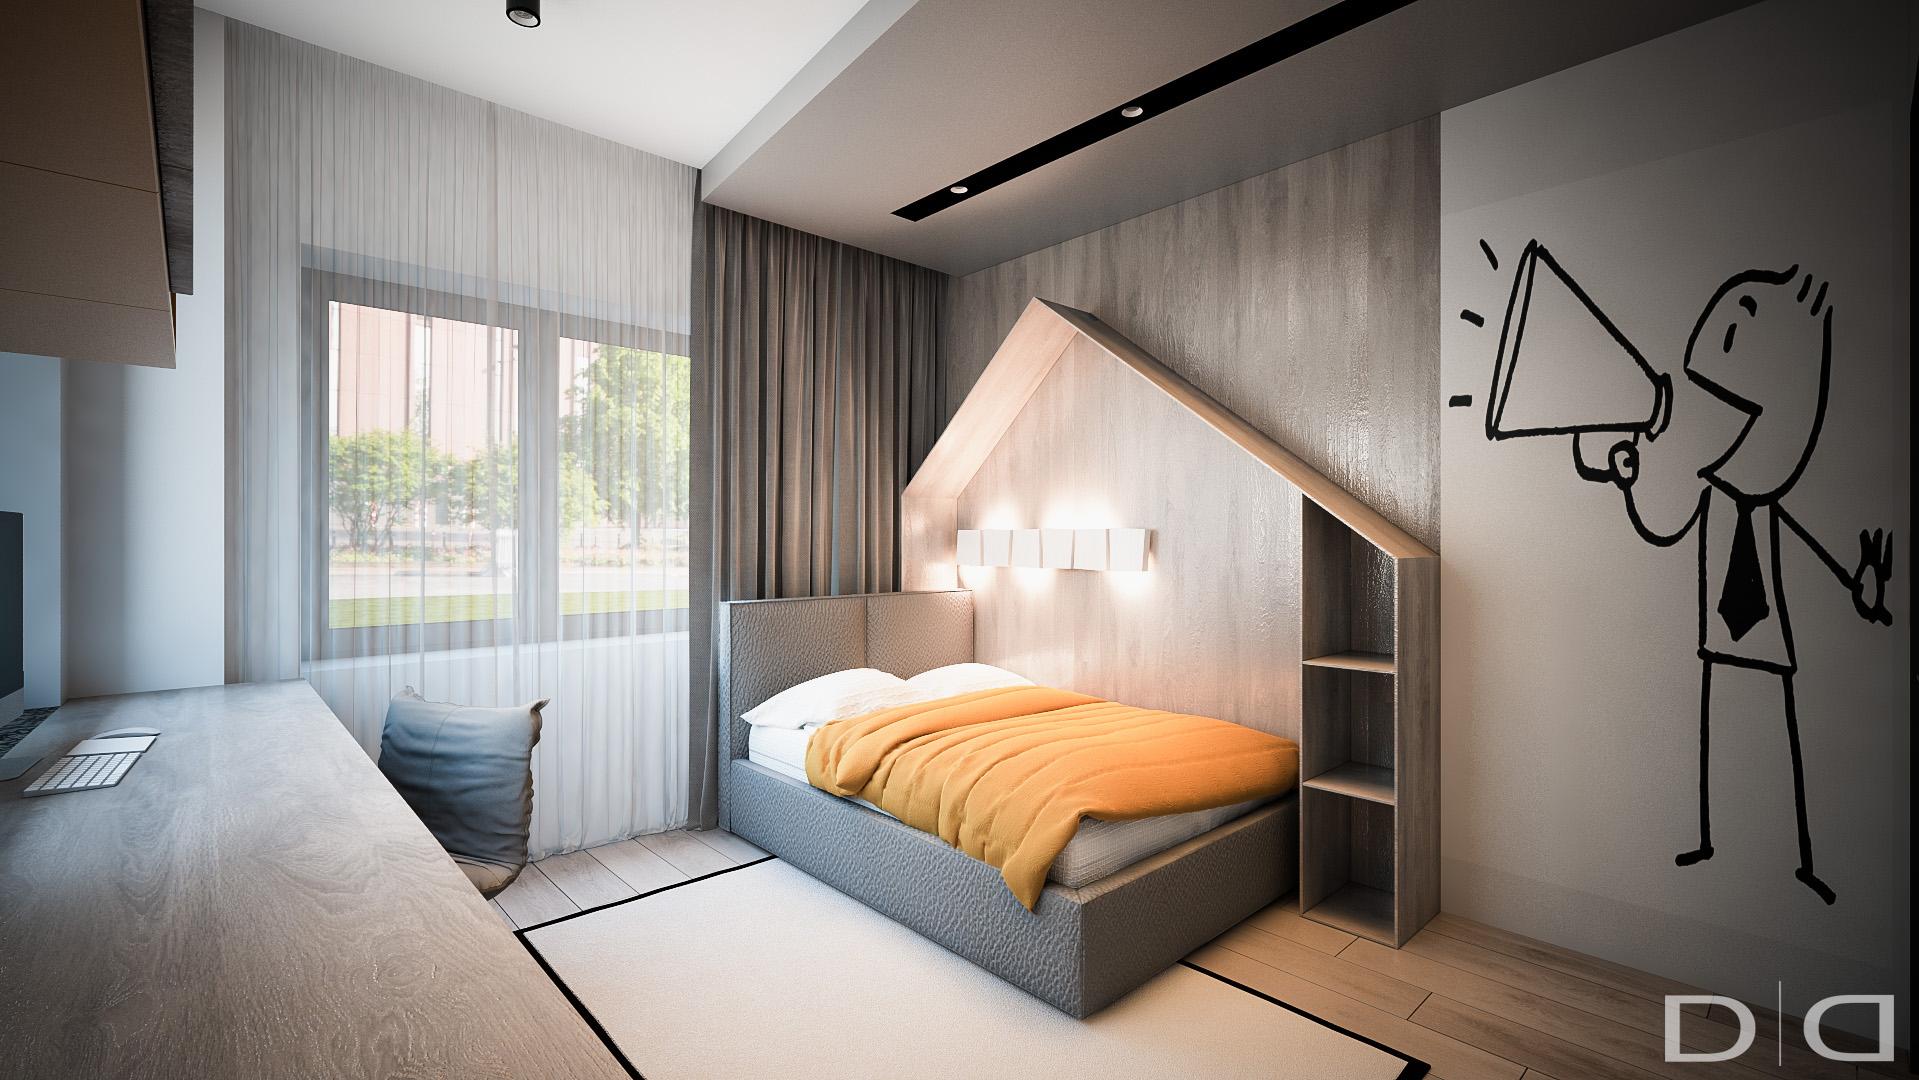 dd-interior_loft_studio_design_kvartir_minsk-0255-17